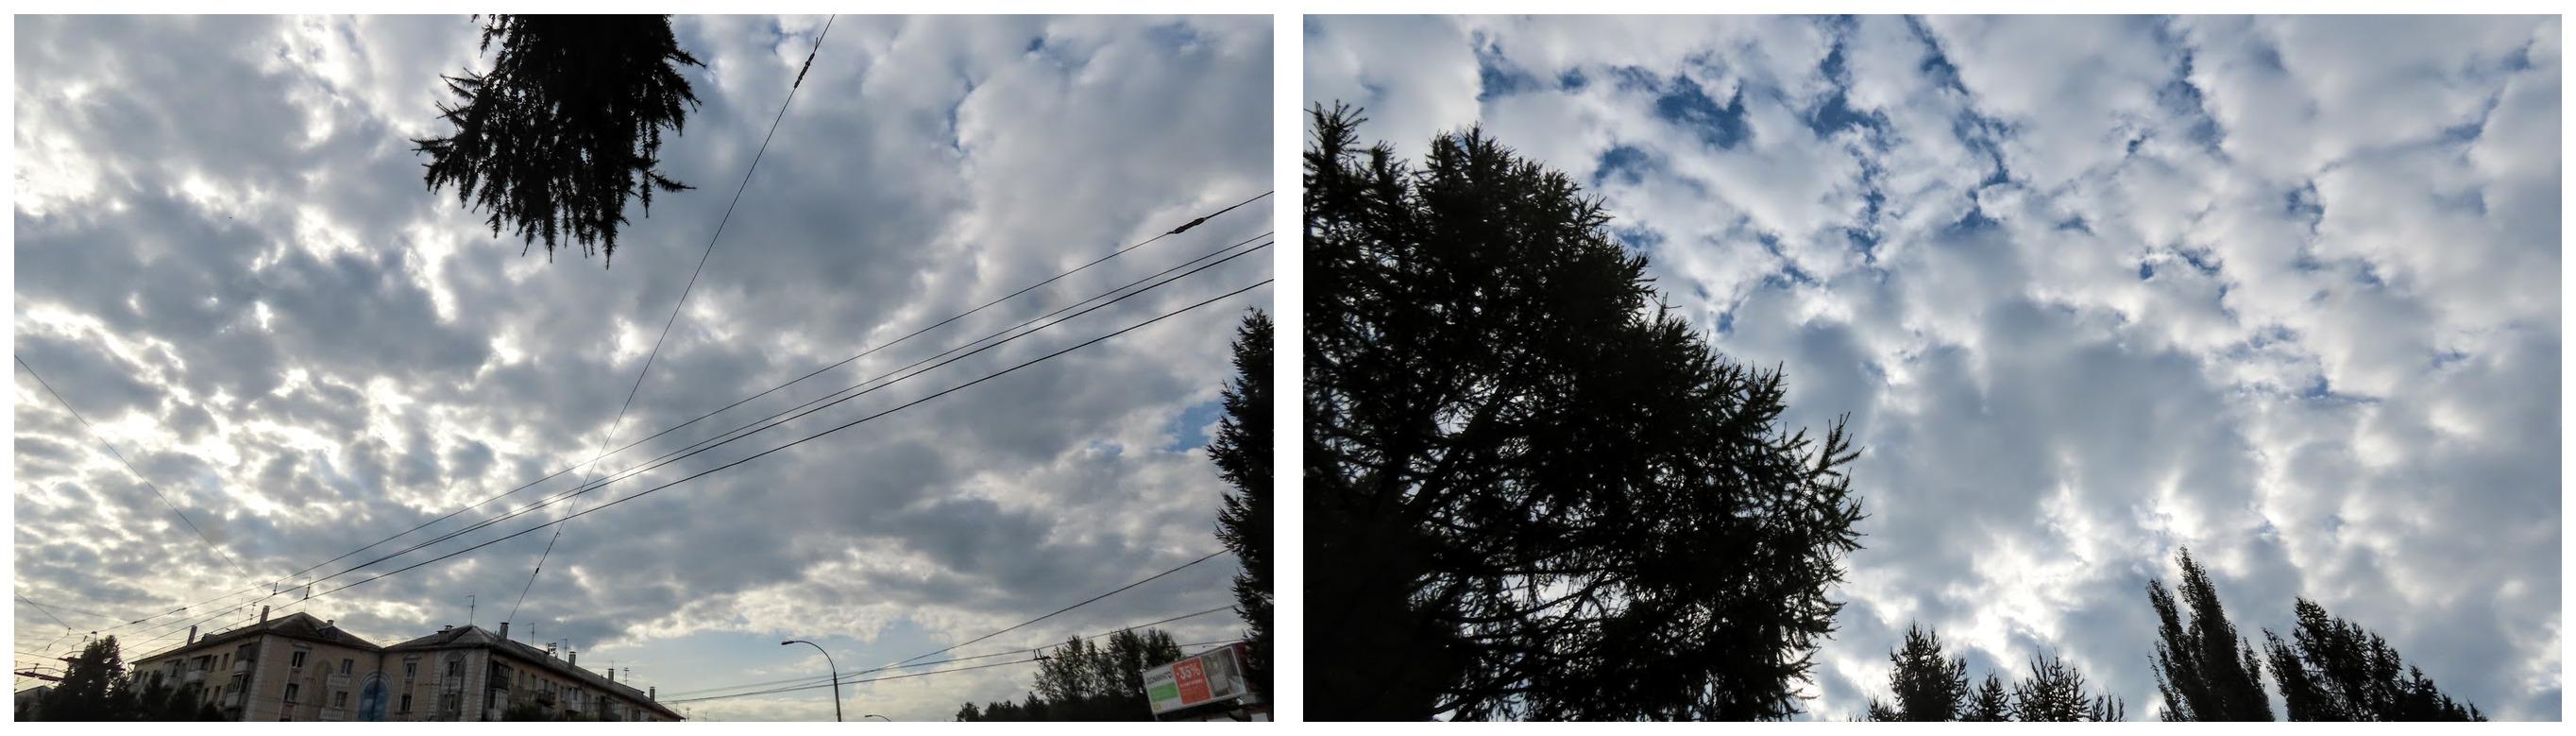 imgonline-com-ua-Collage-Gj-ZQN2t6w-Nc-E8n